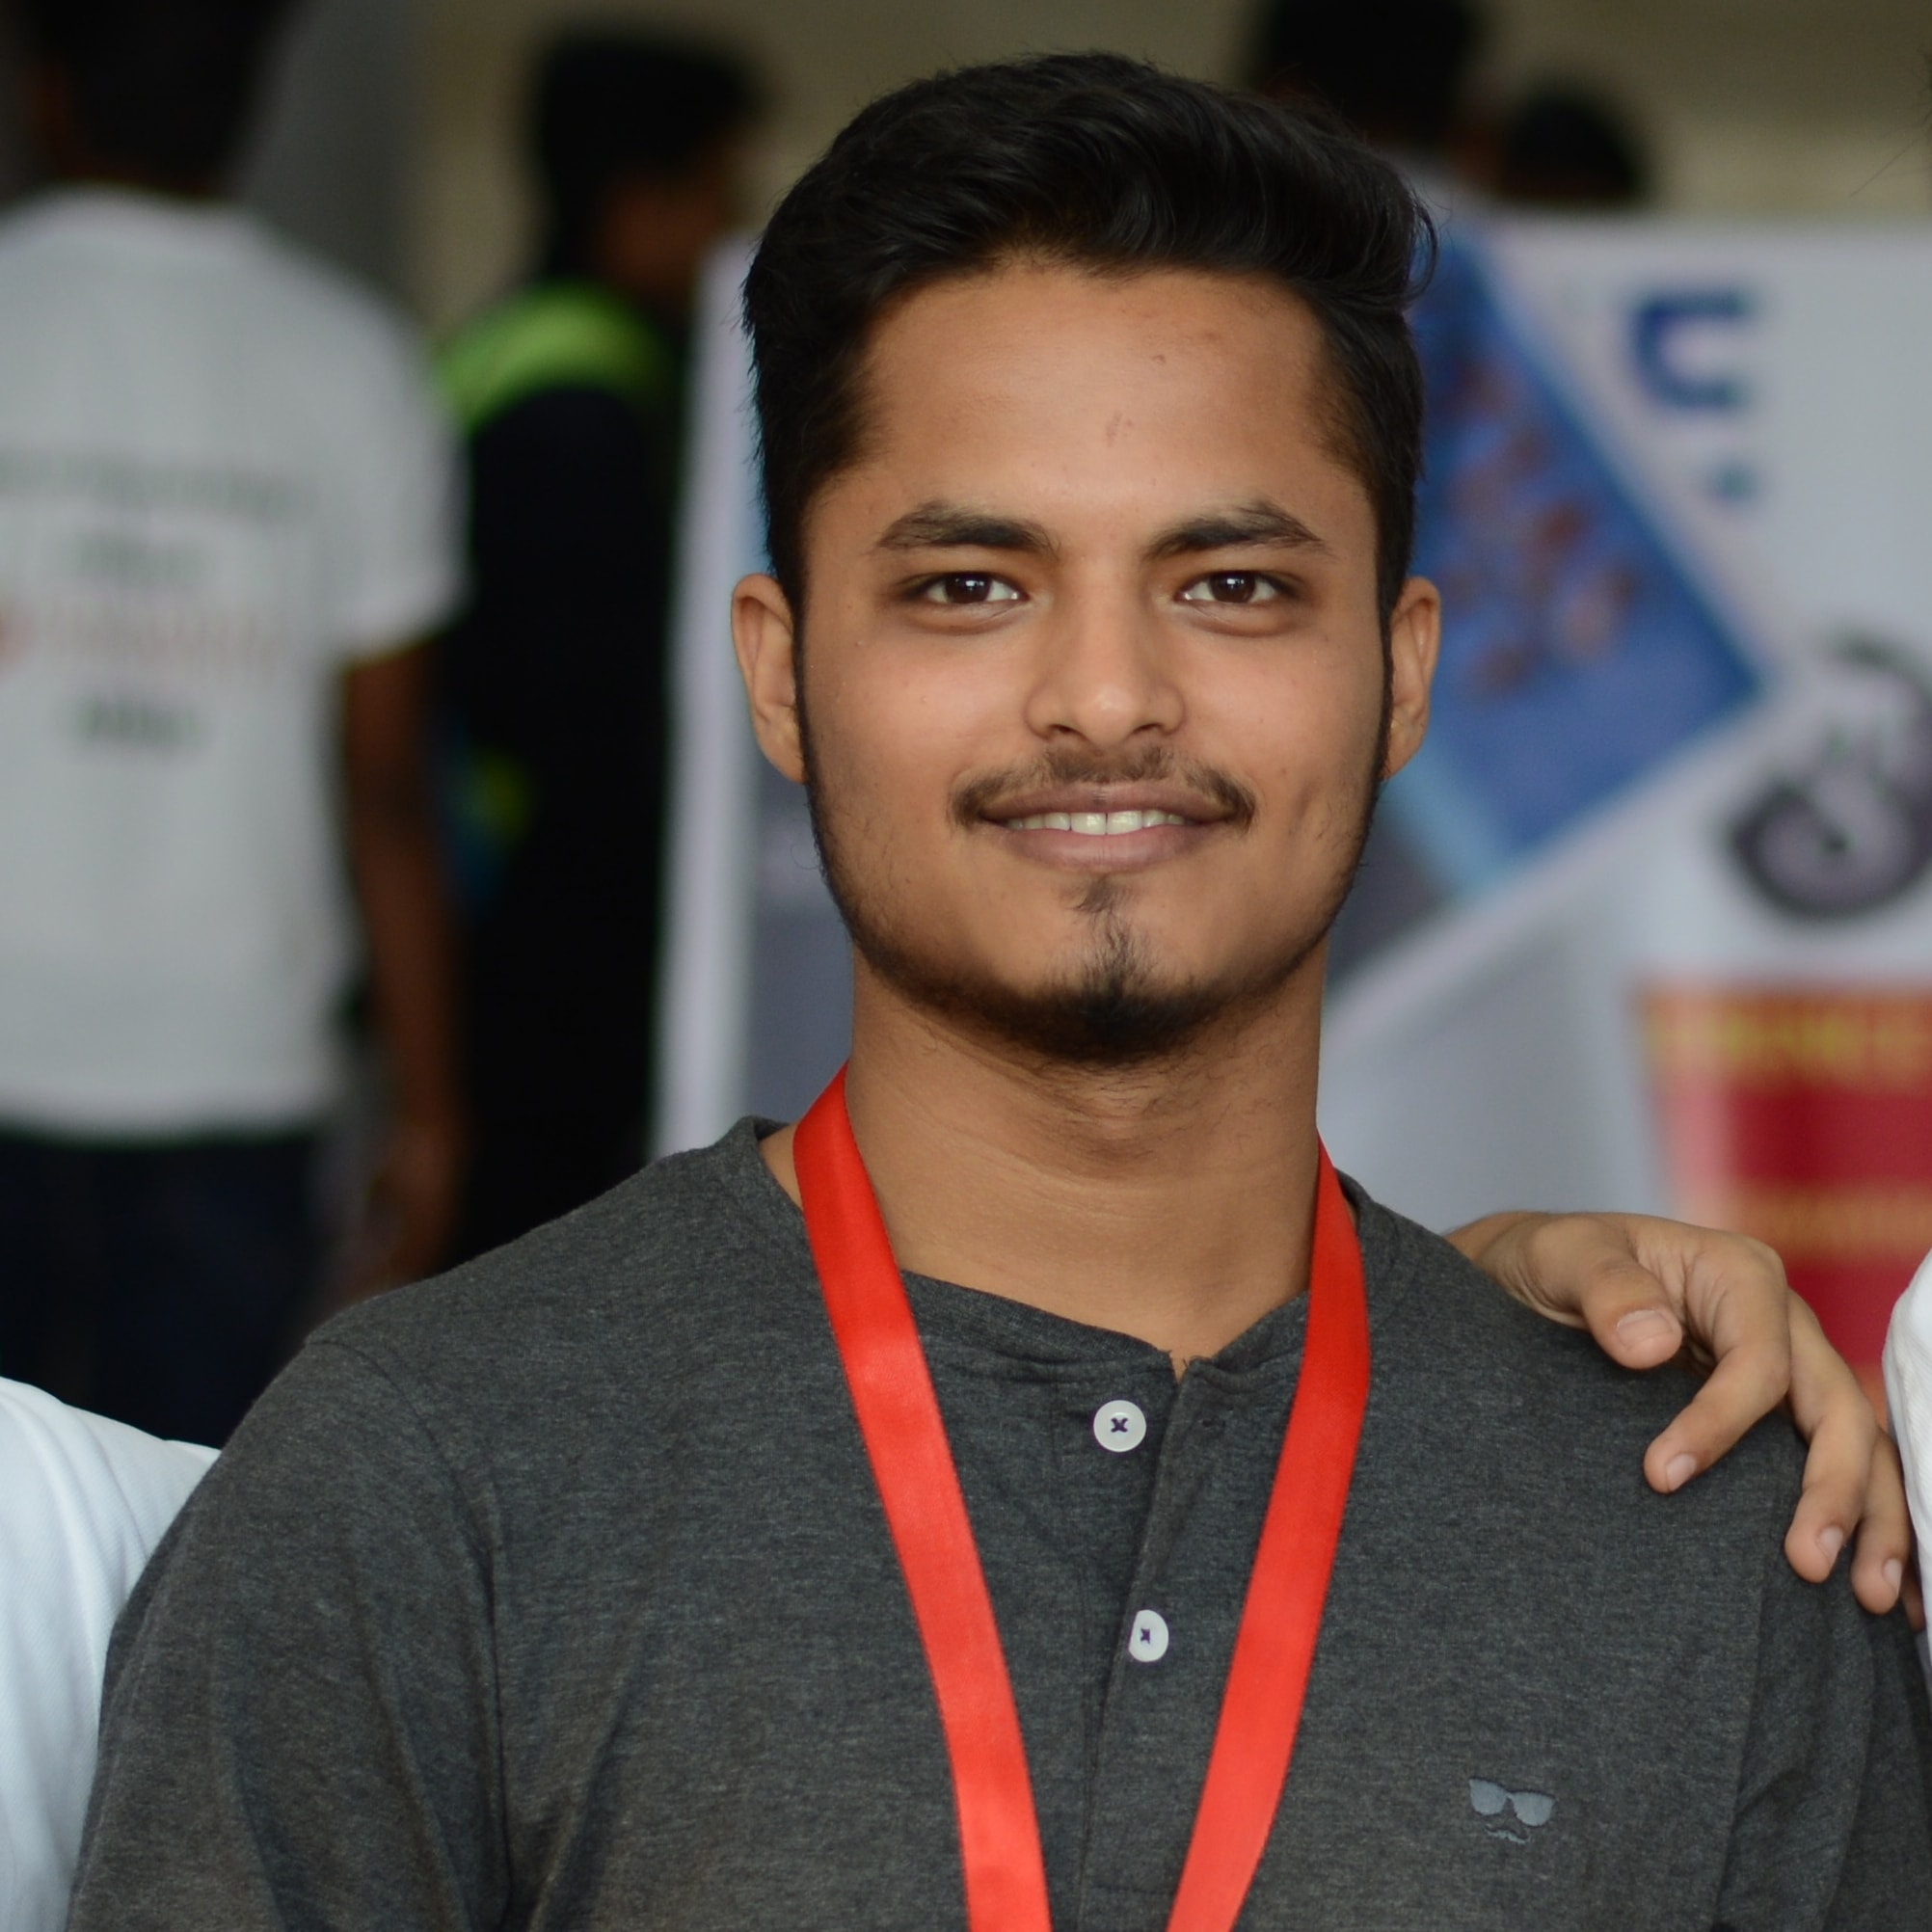 @Himanshu Singh